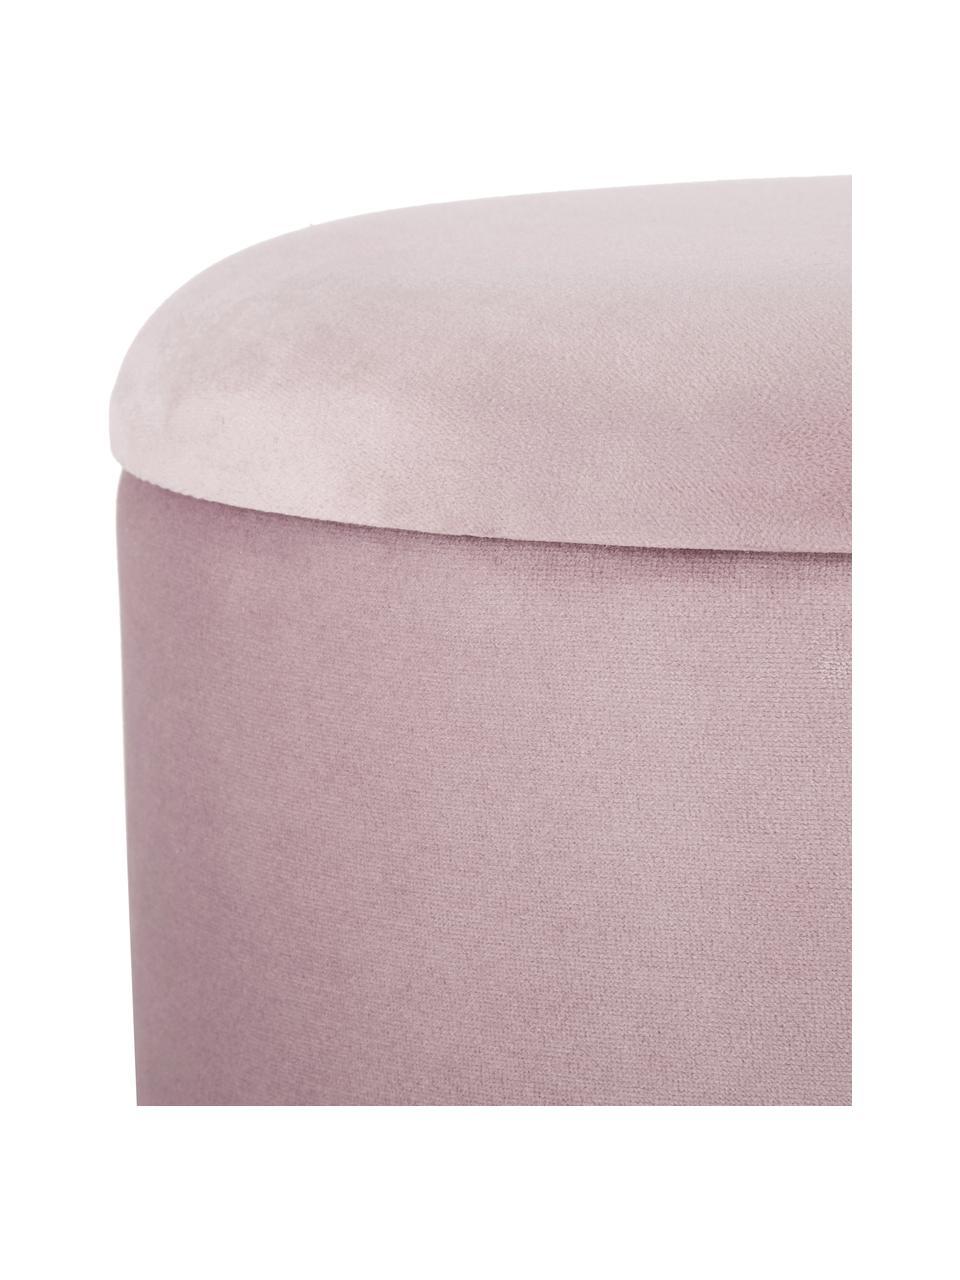 Pouf contenitore in velluto Polina, Rivestimento: velluto di poliestere Con, Cornice: metallo verniciato, Rosa, ottonato, Ø 35 x Alt. 45 cm